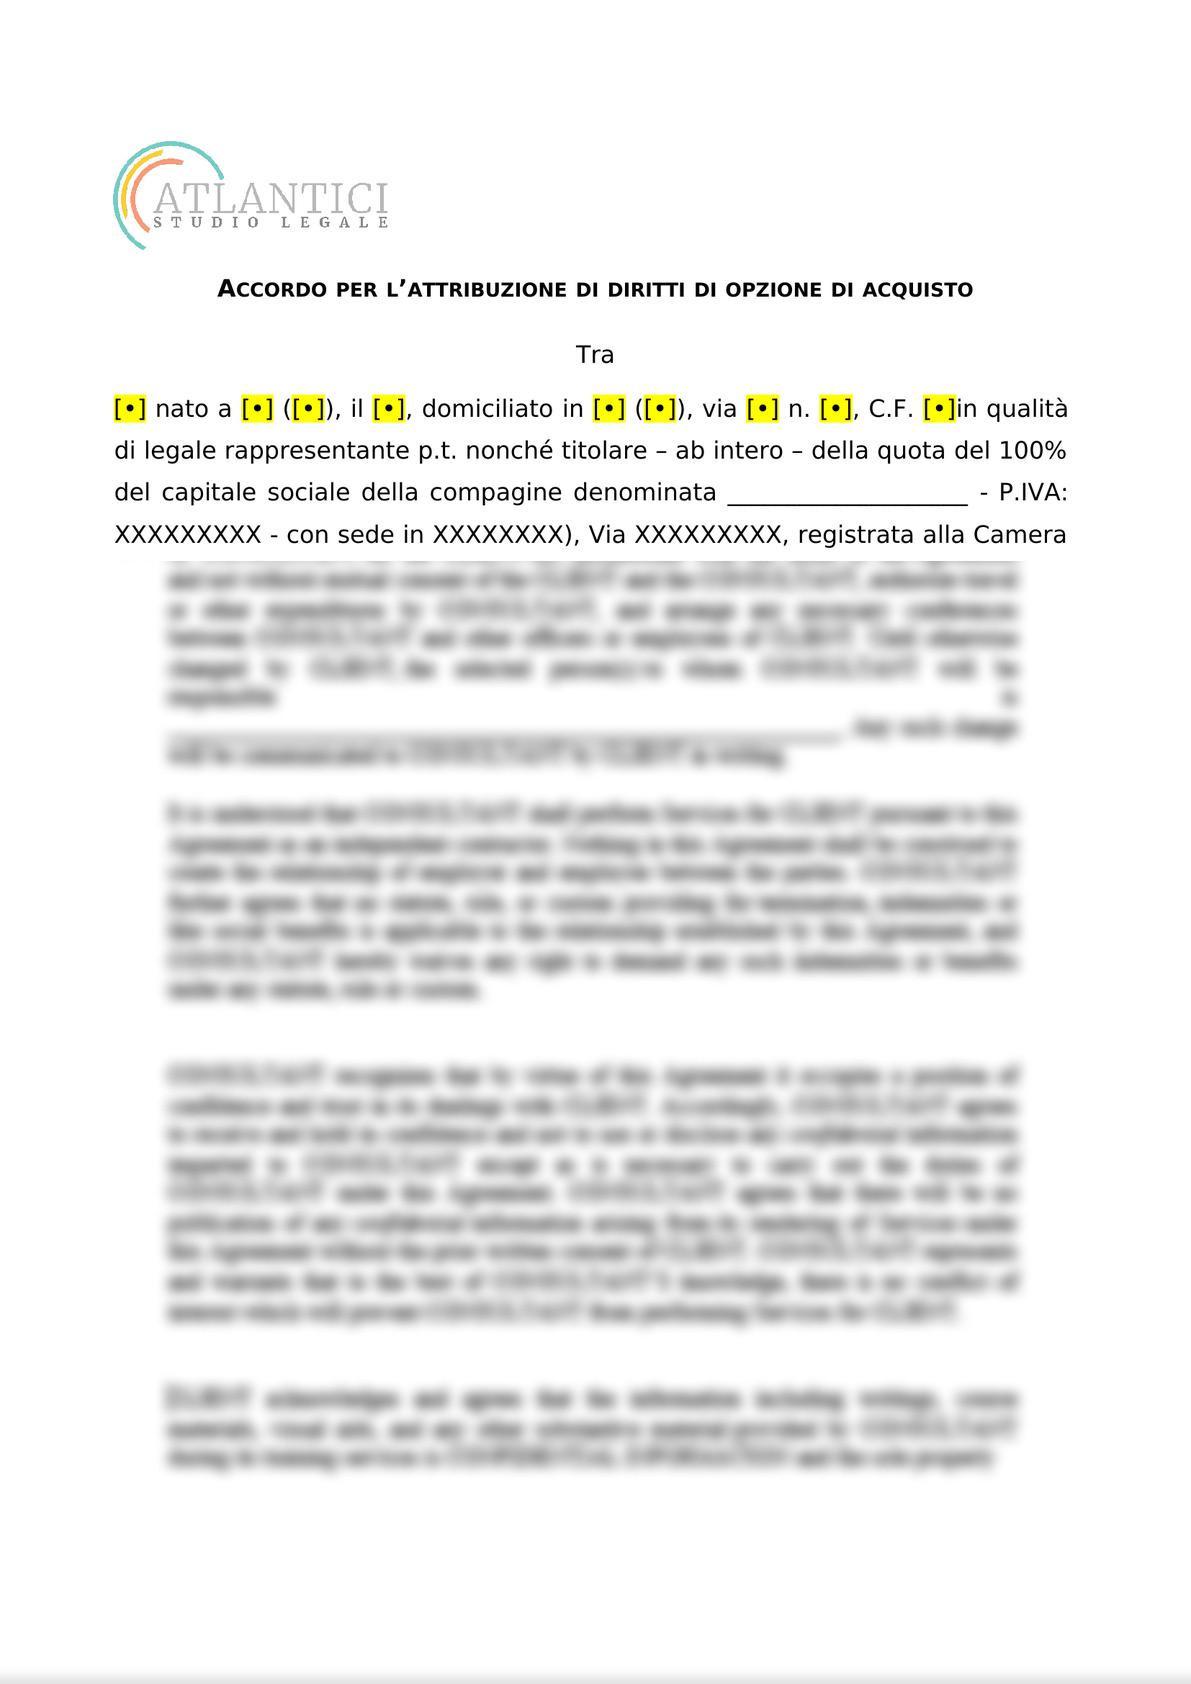 ACCORDO PER L'ATTRIBUZIONE DI DIRITTI DI OPZIONE DI ACQUISTO-0